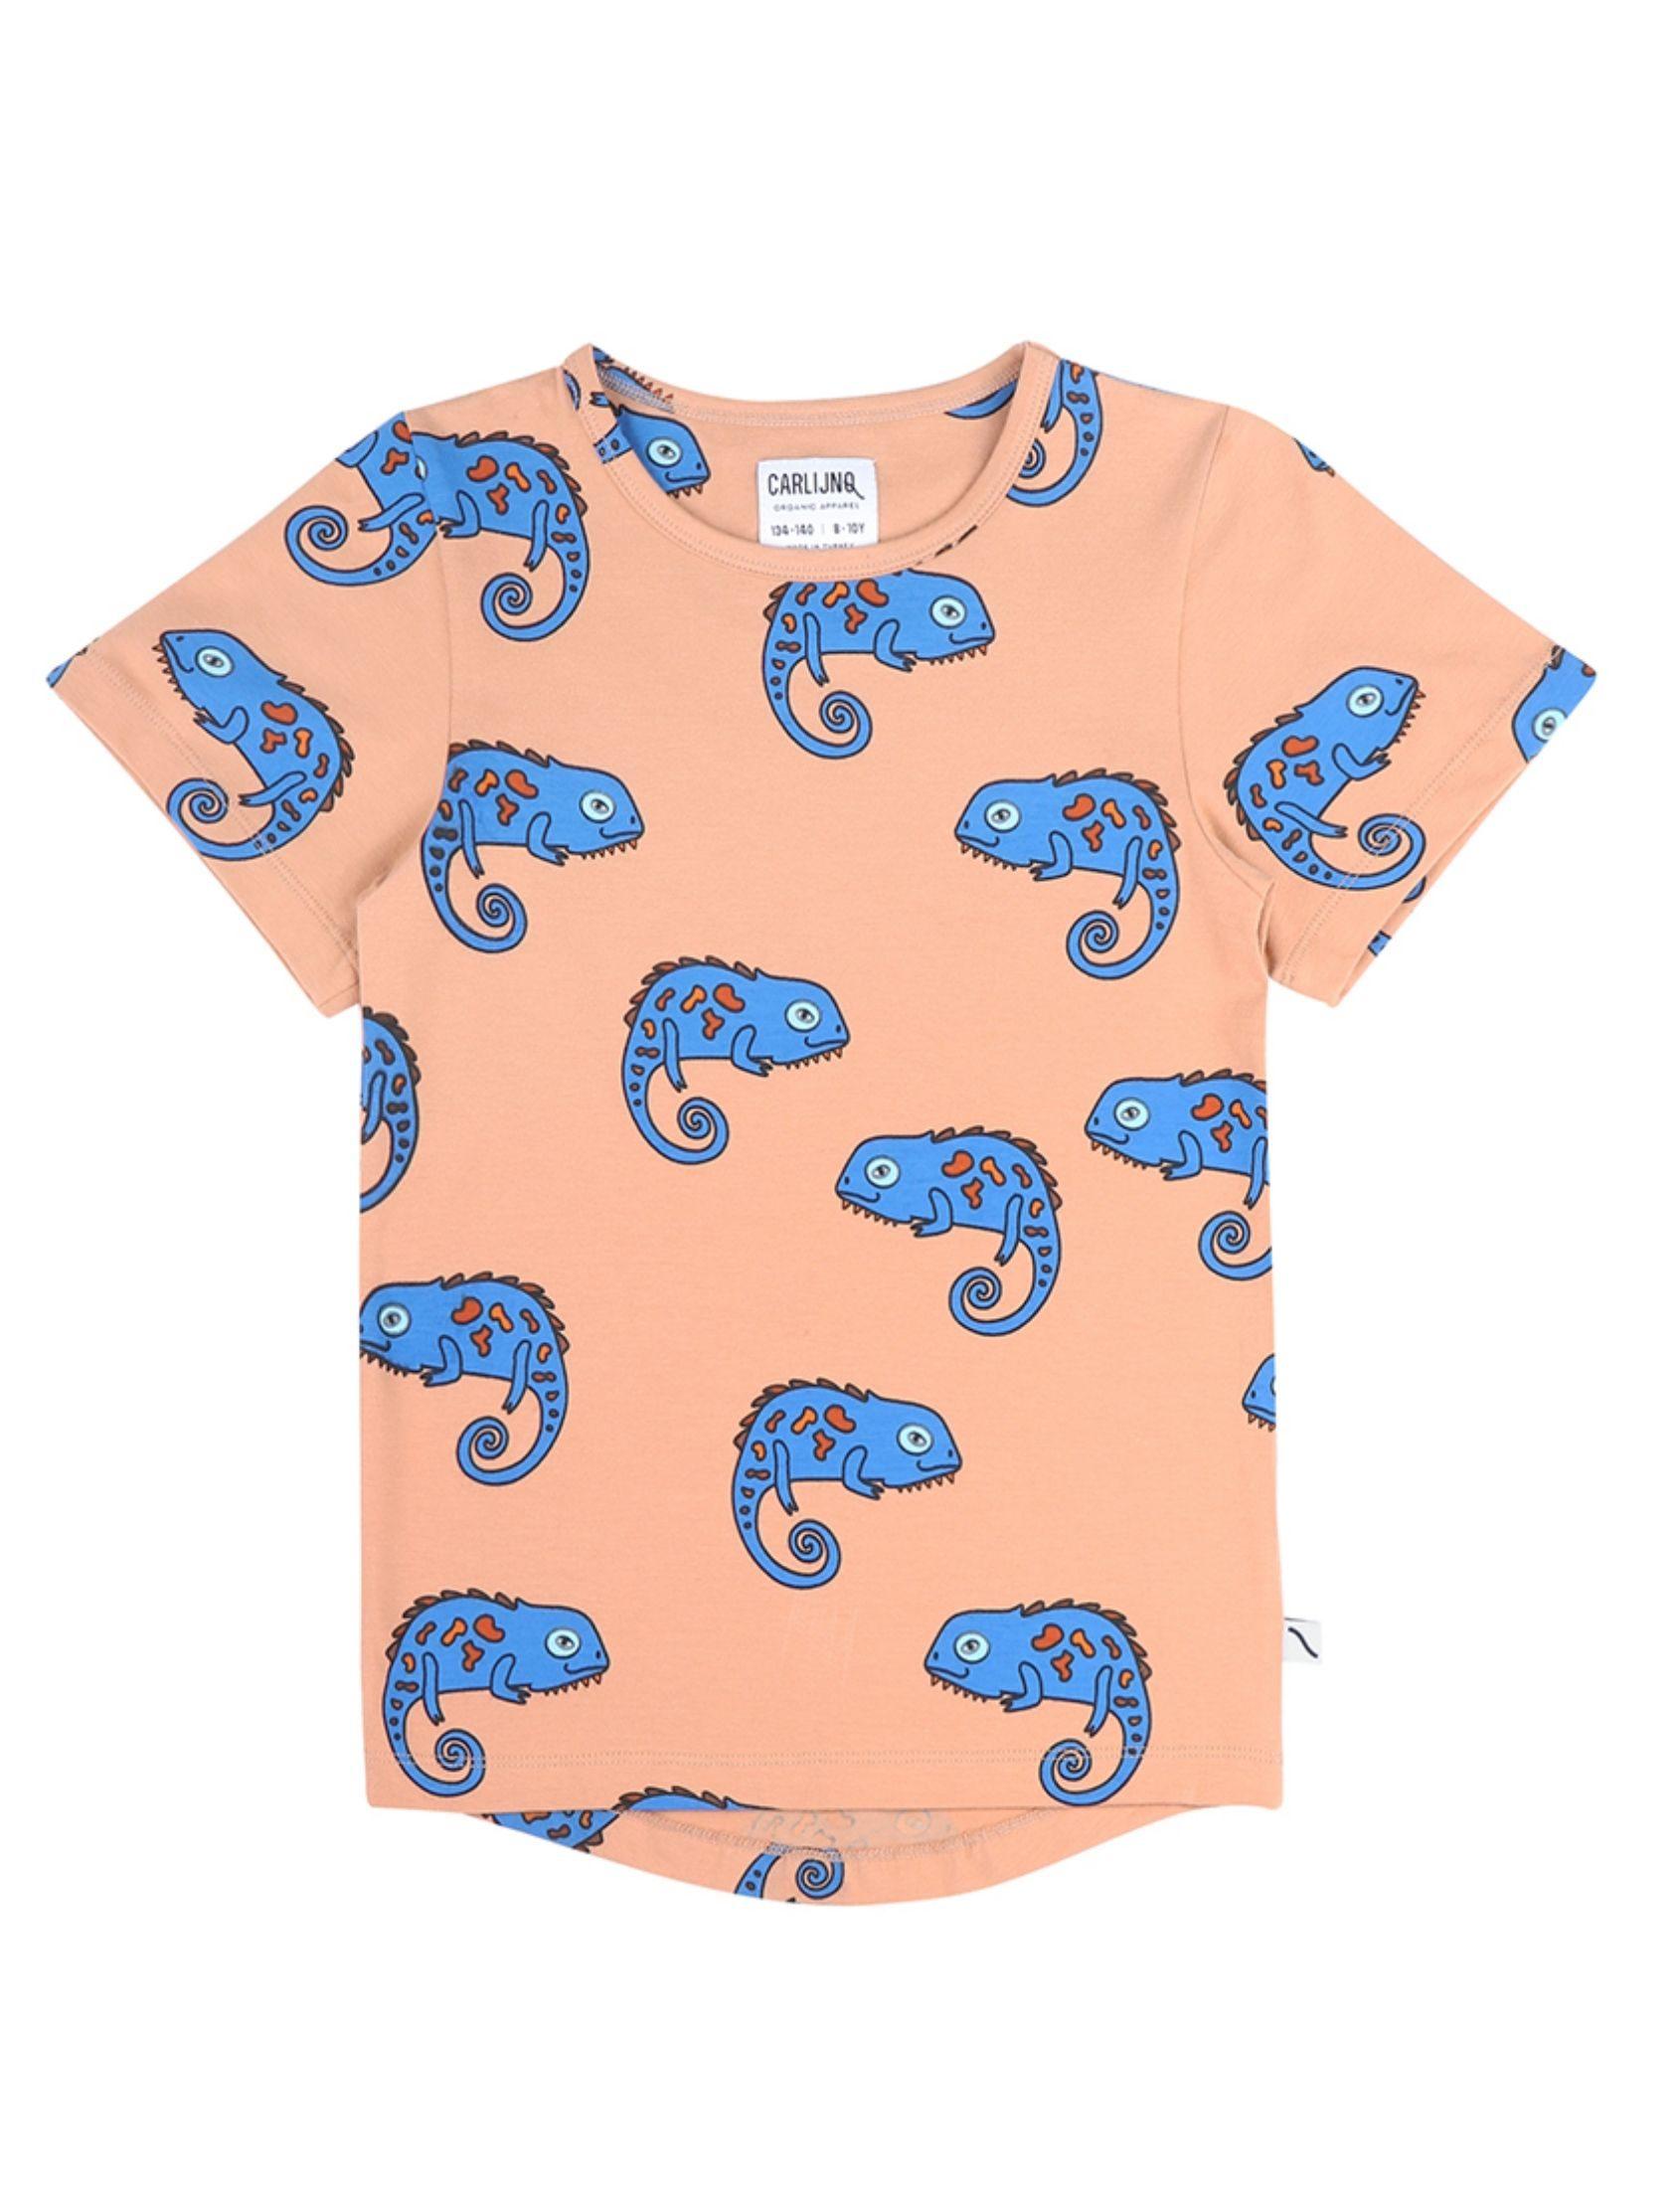 camiseta de carlijnq con fondo naranja y estampado de camaleones en azul